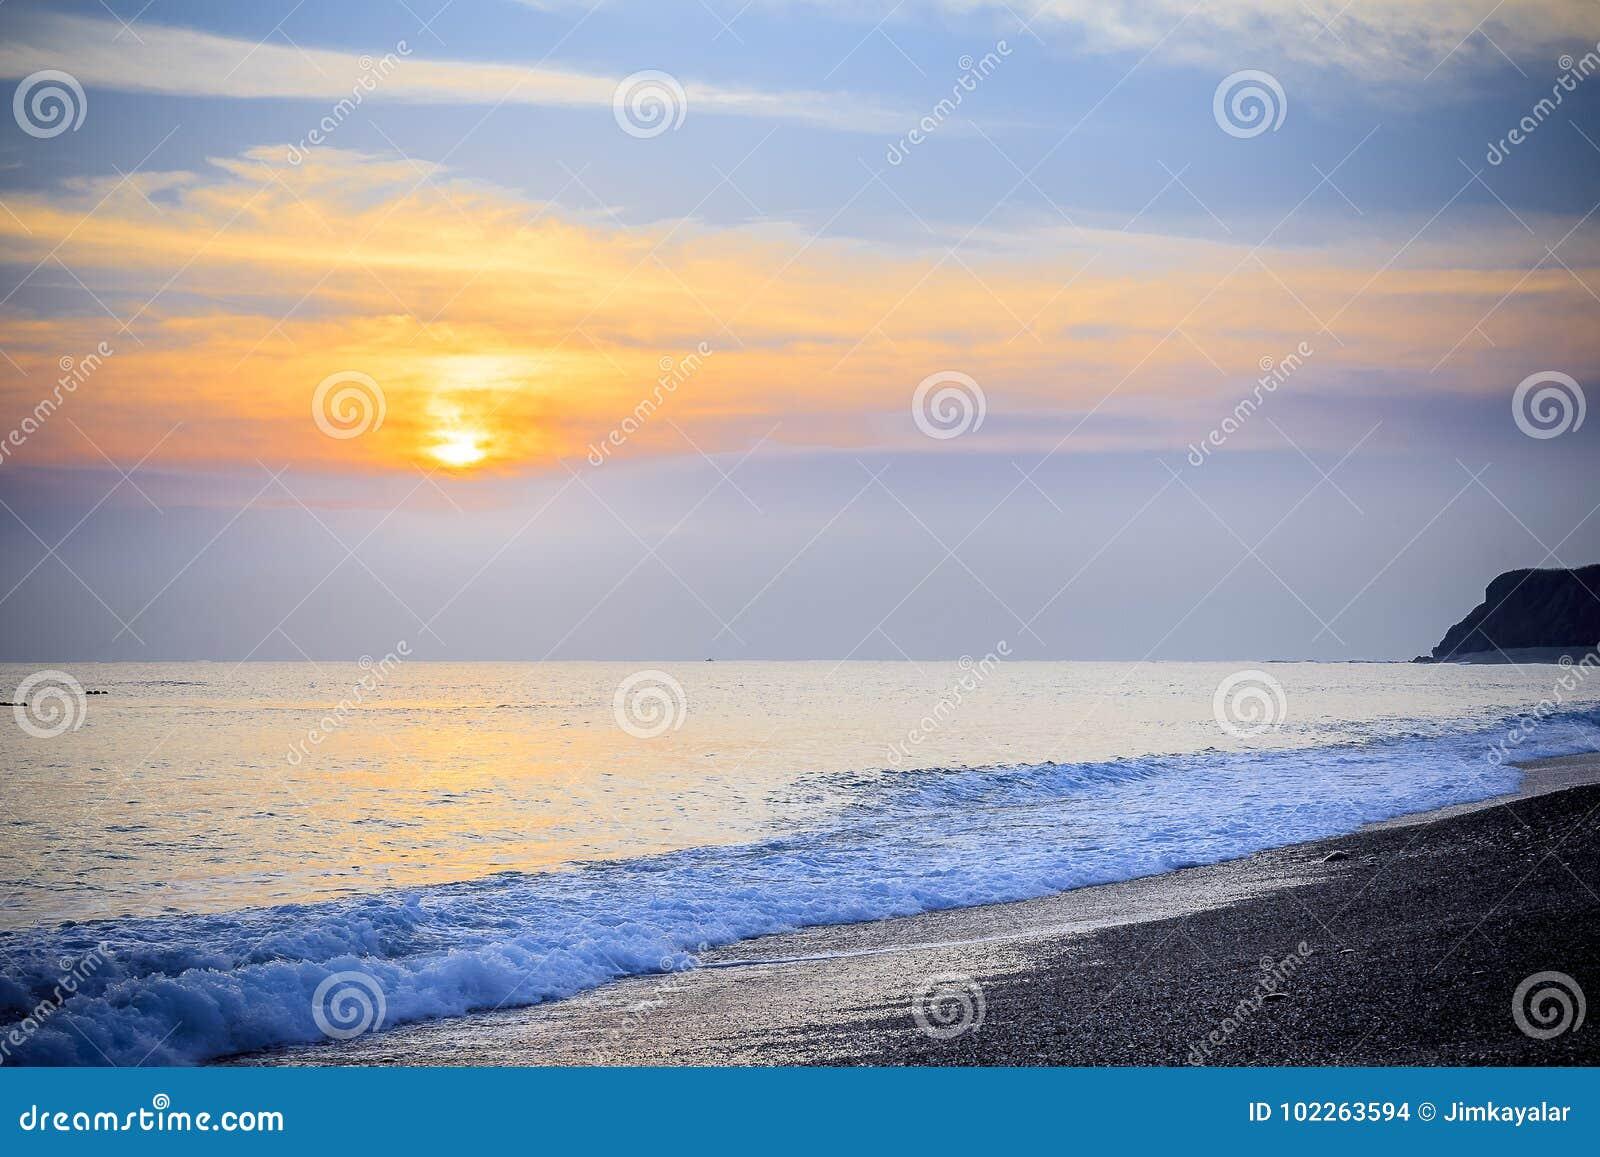 Paisaje marino pacífico del mar del sur de China de la salida del sol de la madrugada